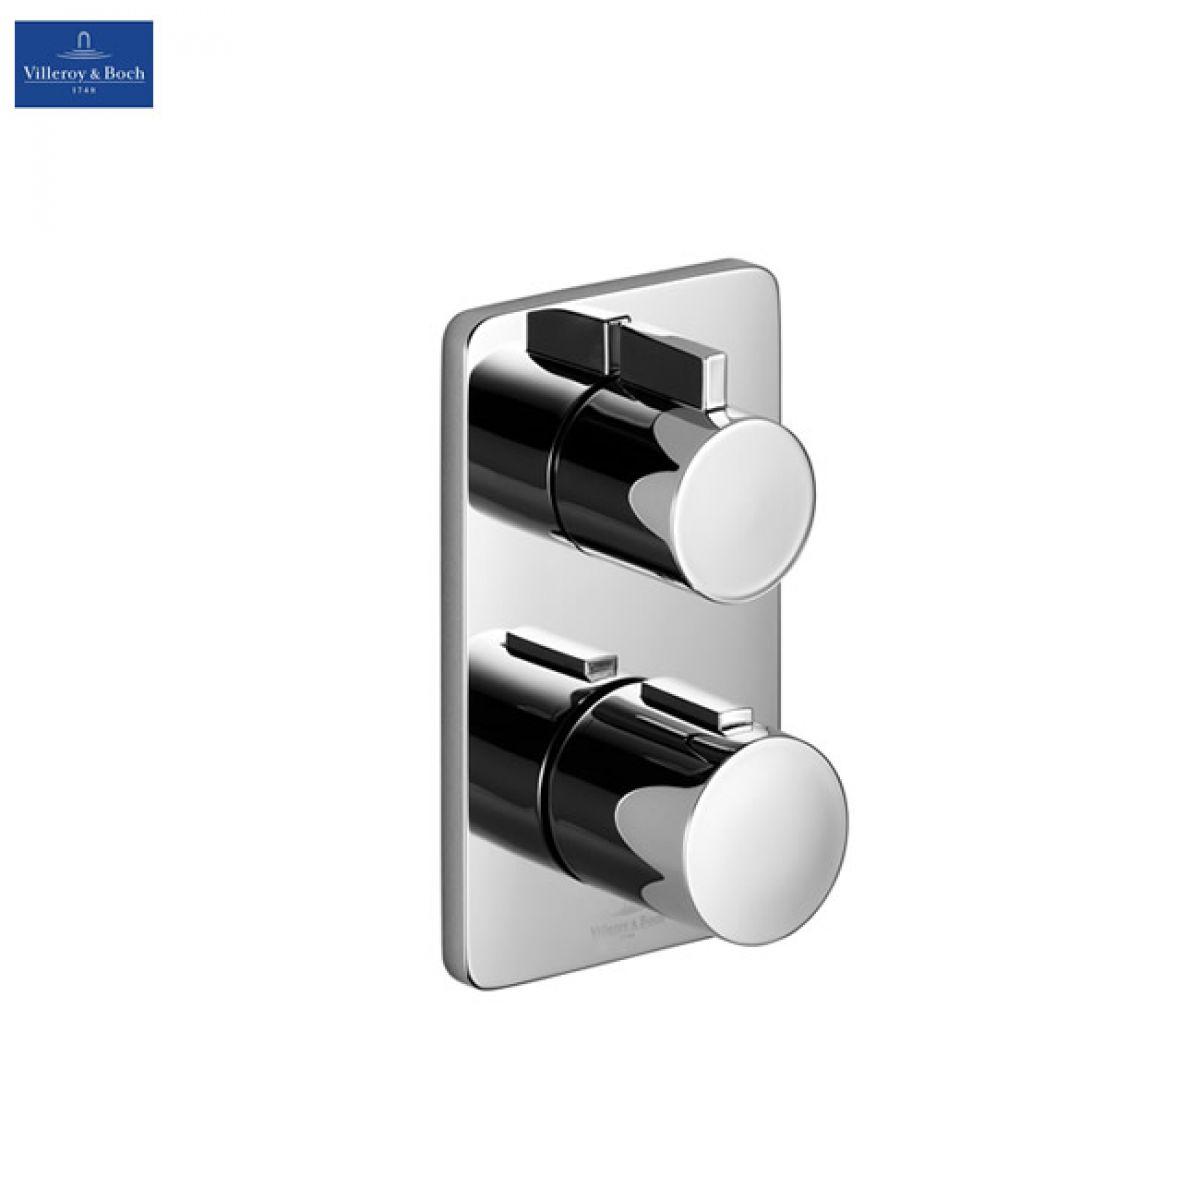 villeroy and boch cult concealed thermostatic shower valve uk bathrooms. Black Bedroom Furniture Sets. Home Design Ideas